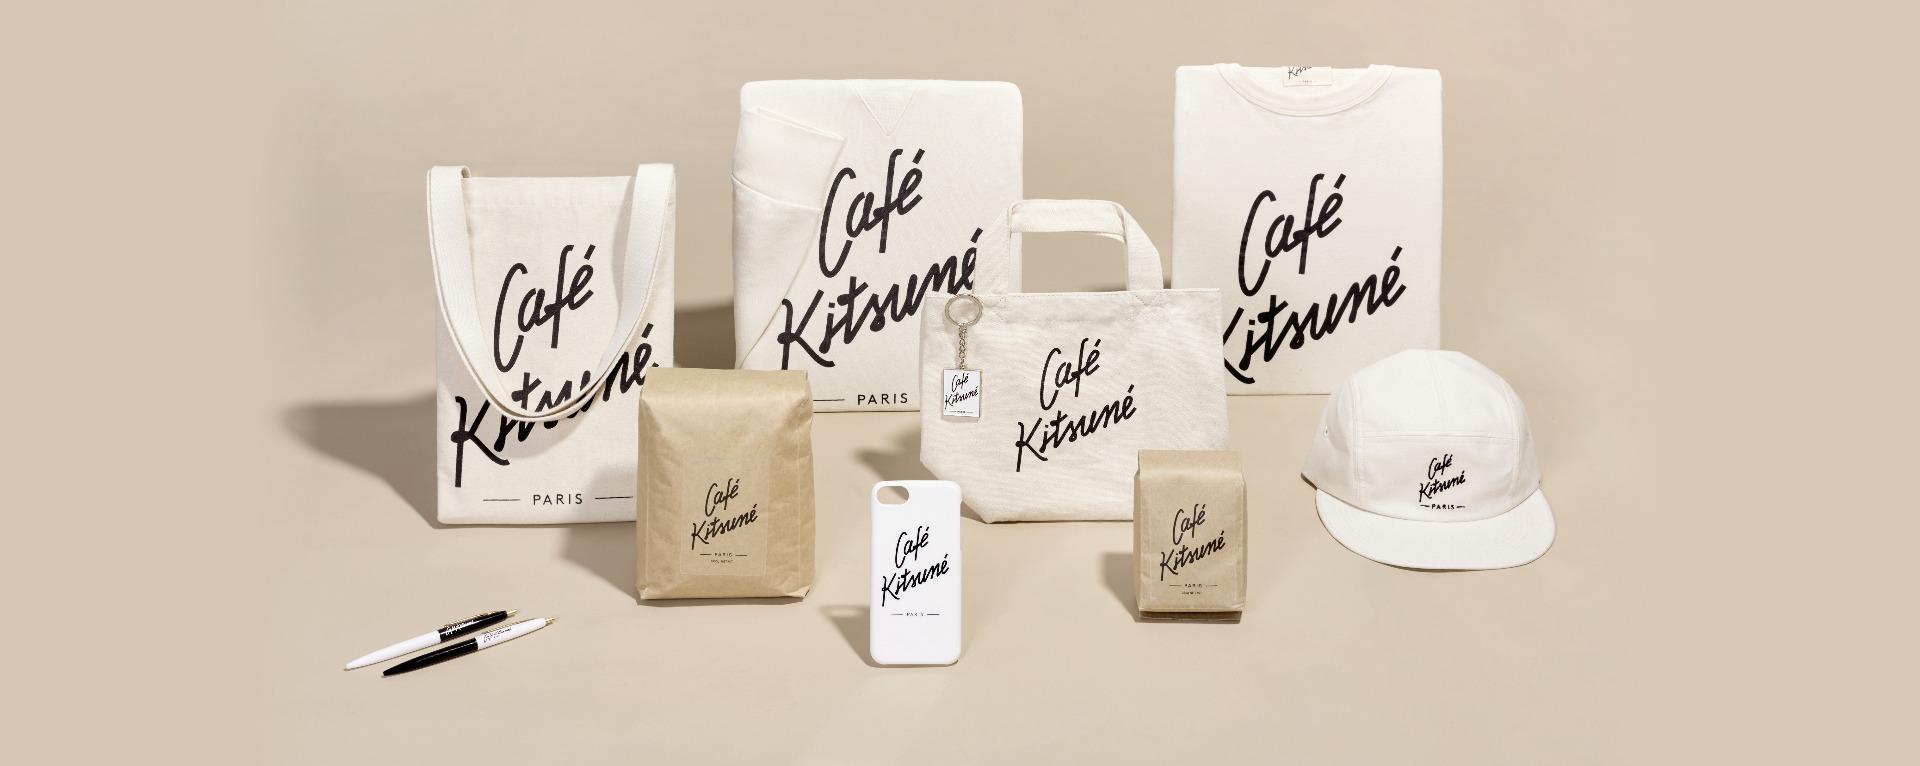 https://media.maisonkitsune.com/media/wysiwyg/030918_launch-cafe.jpg